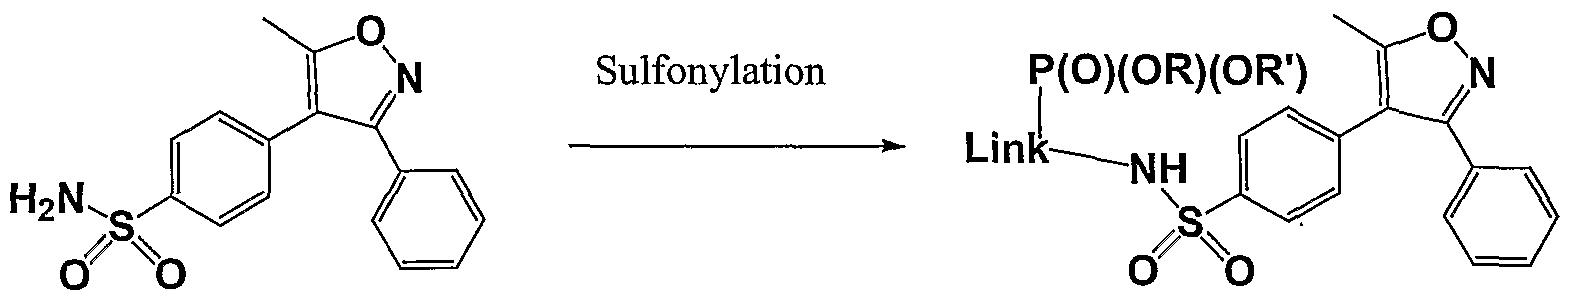 Figure imgf000311_0002